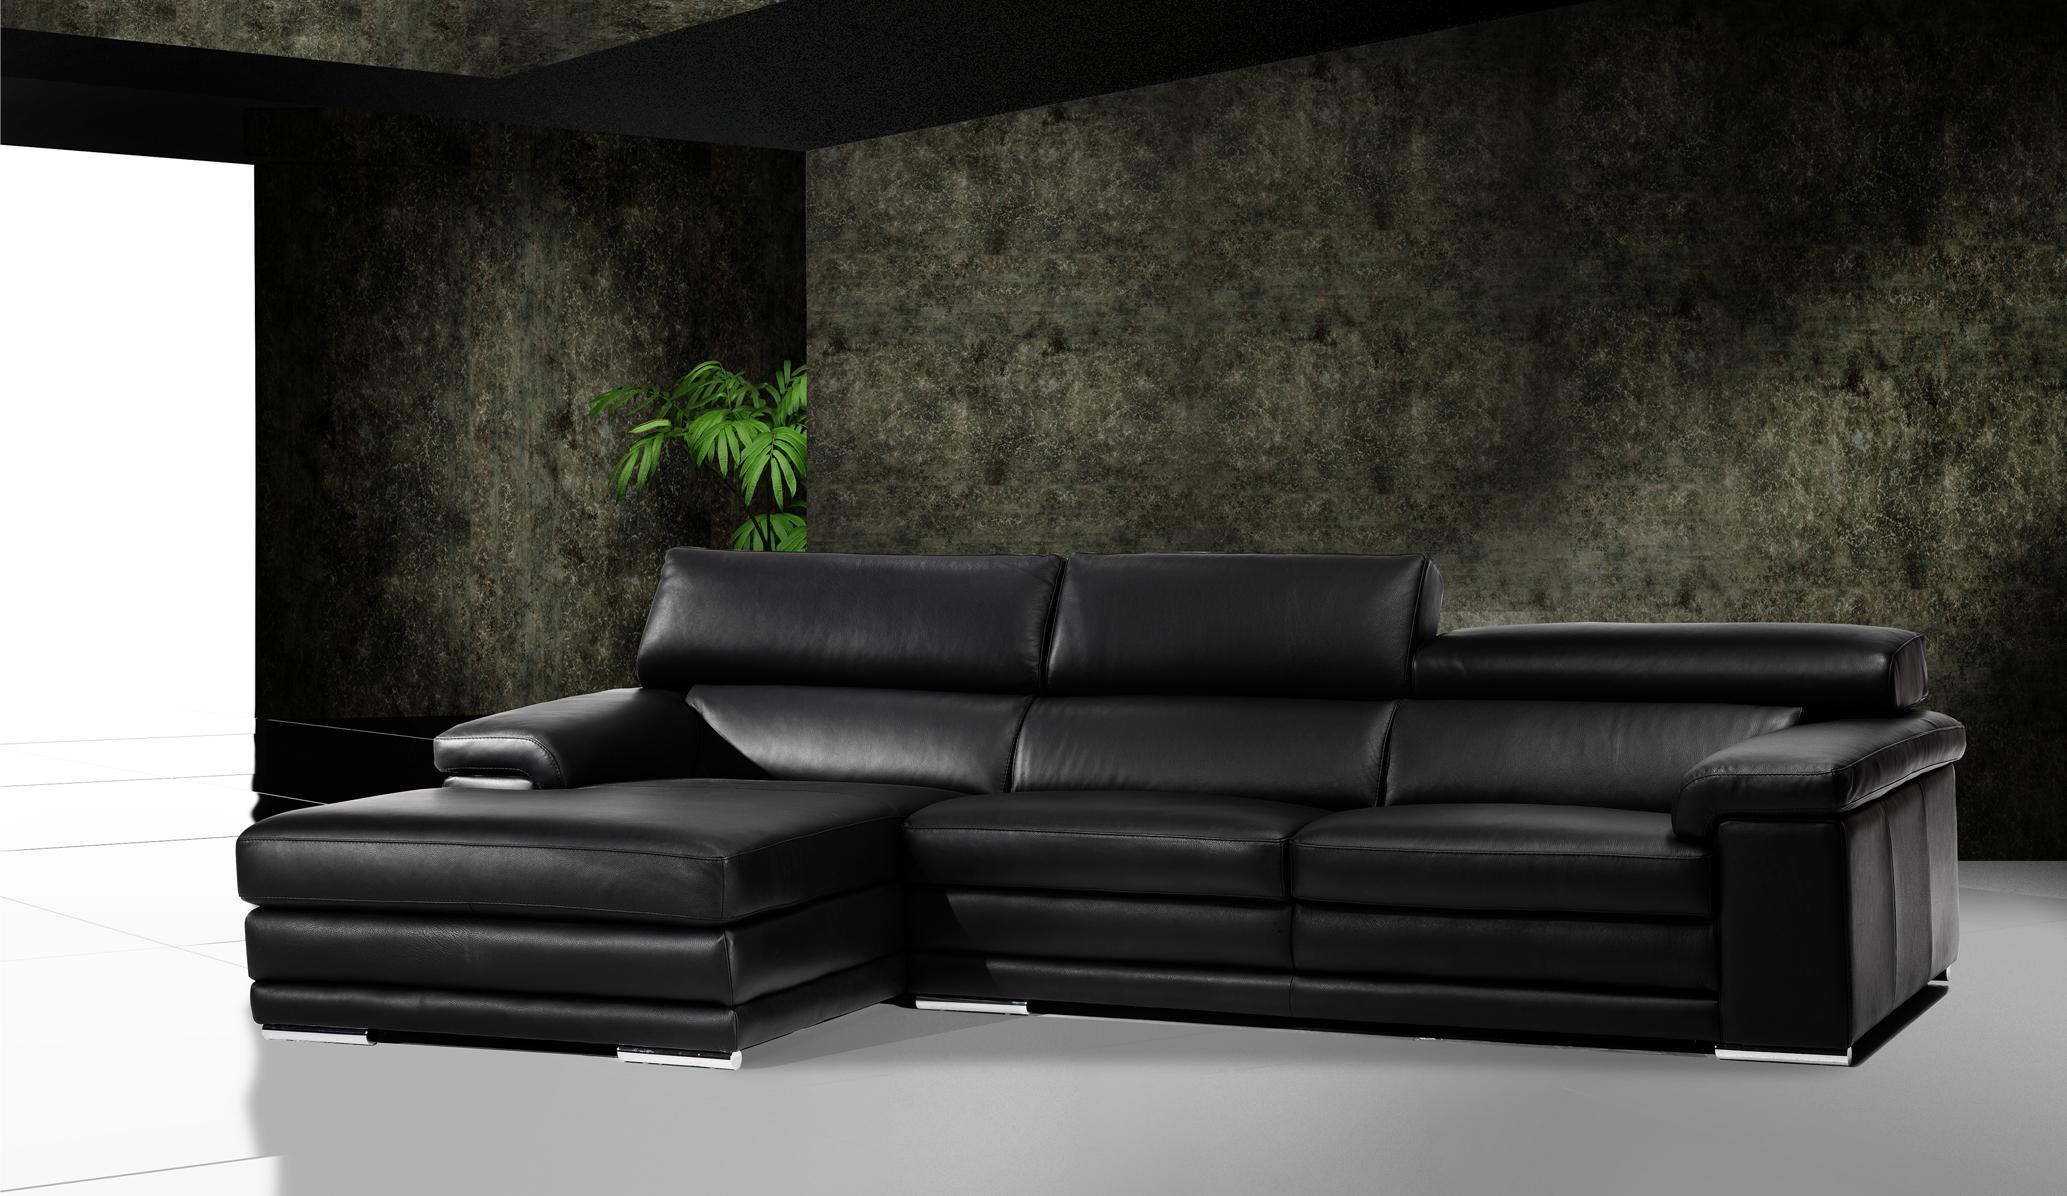 Sofas de piel de diseo top modelo akora en piel con pata - Modelos de sofas de piel ...